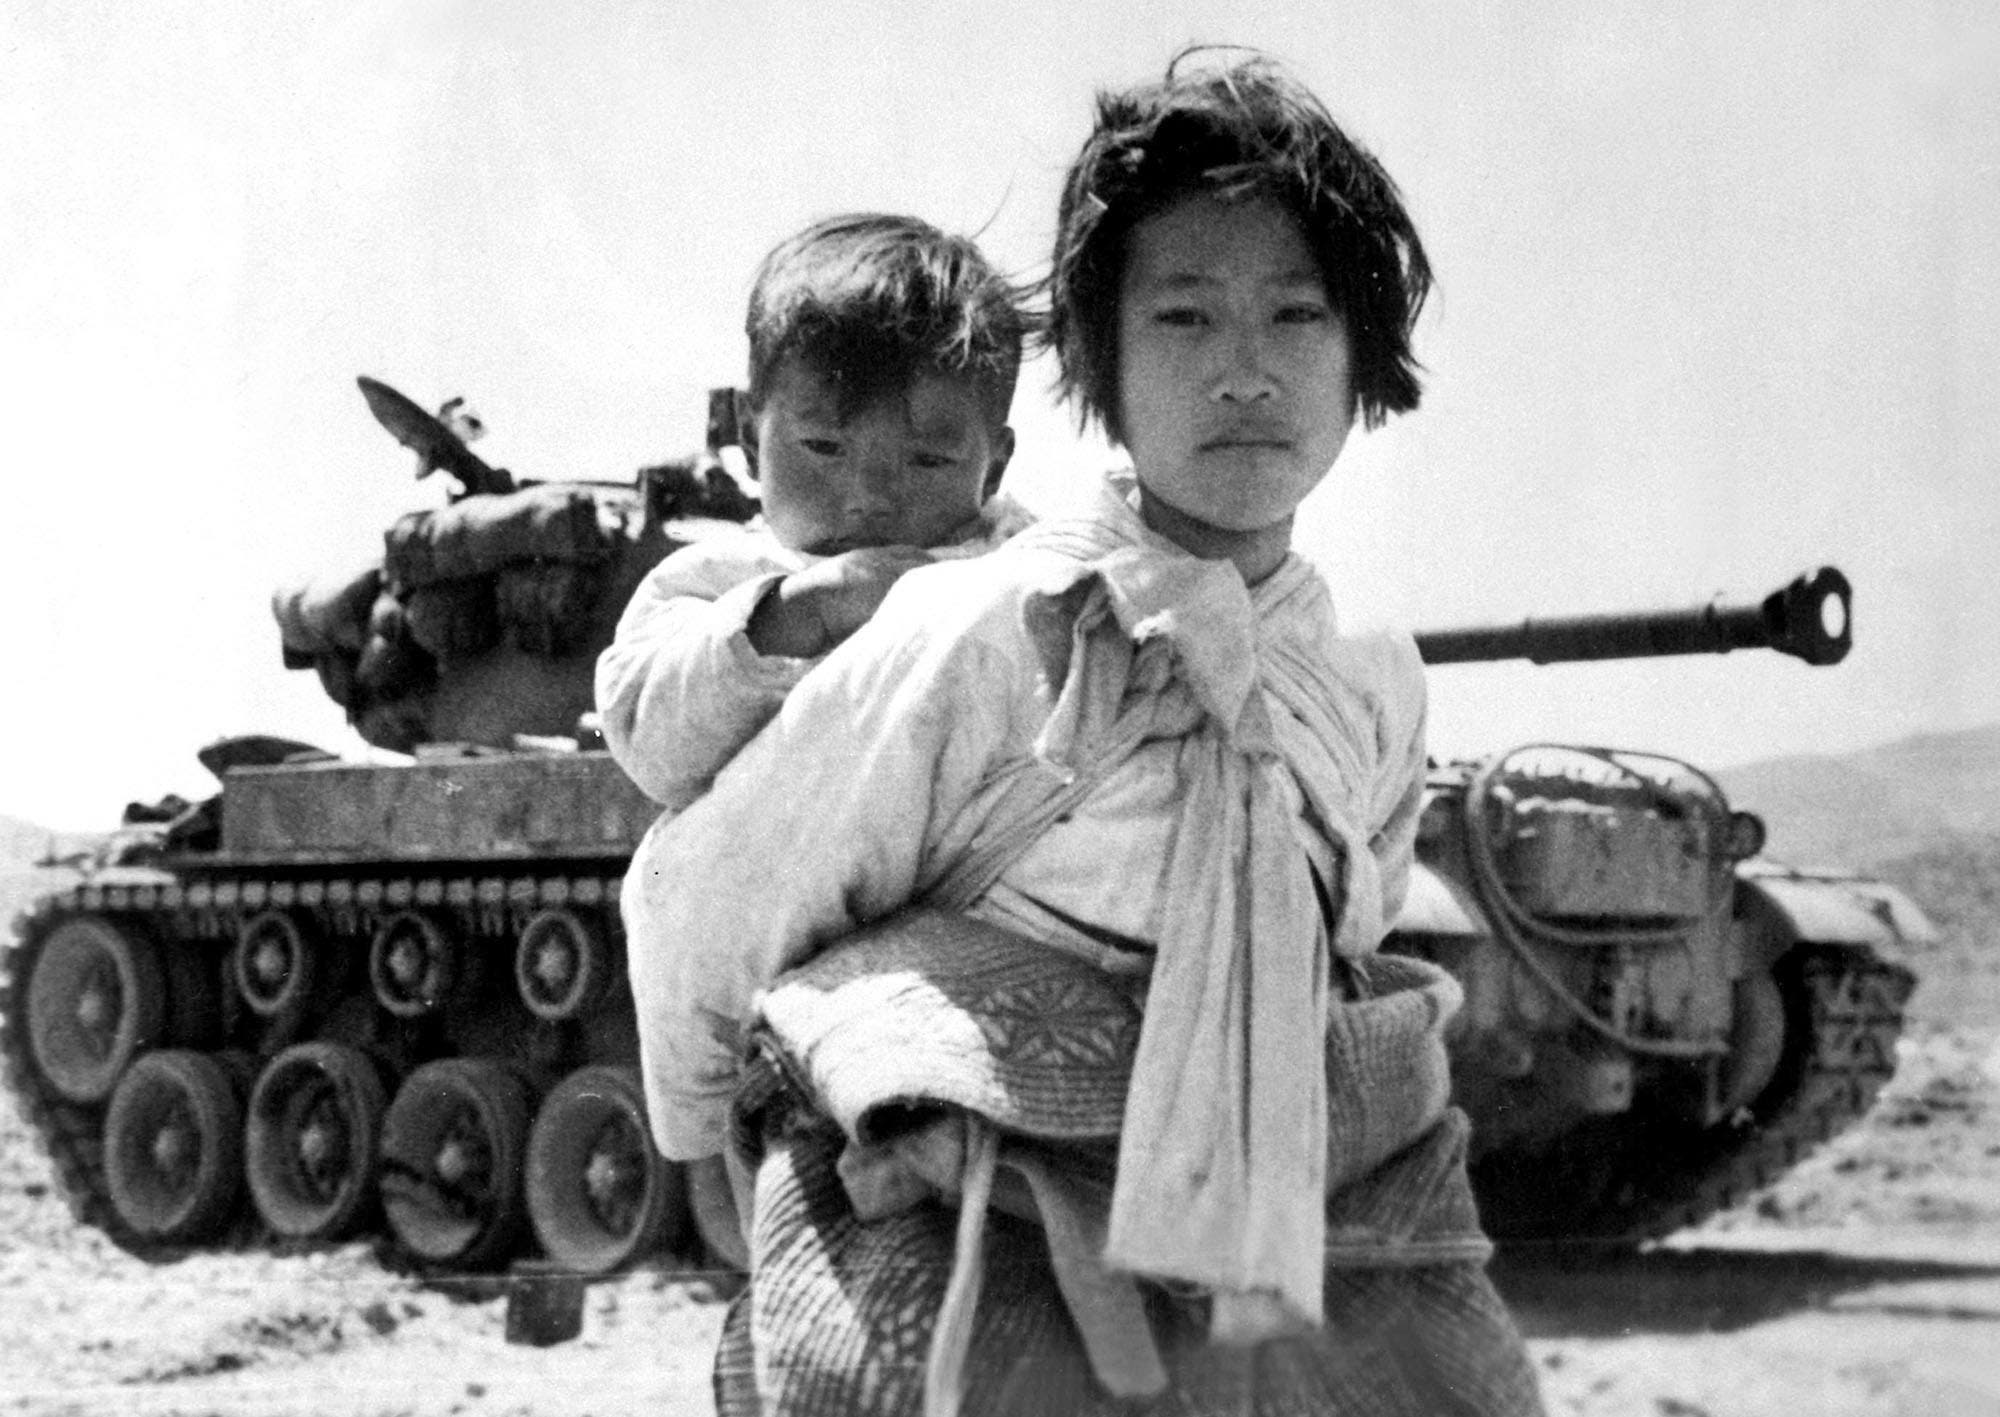 لاجئة من كوريا الجنوبية وهي تحمل شقيقها على ظهرها مع بداية الغزو الشمالي